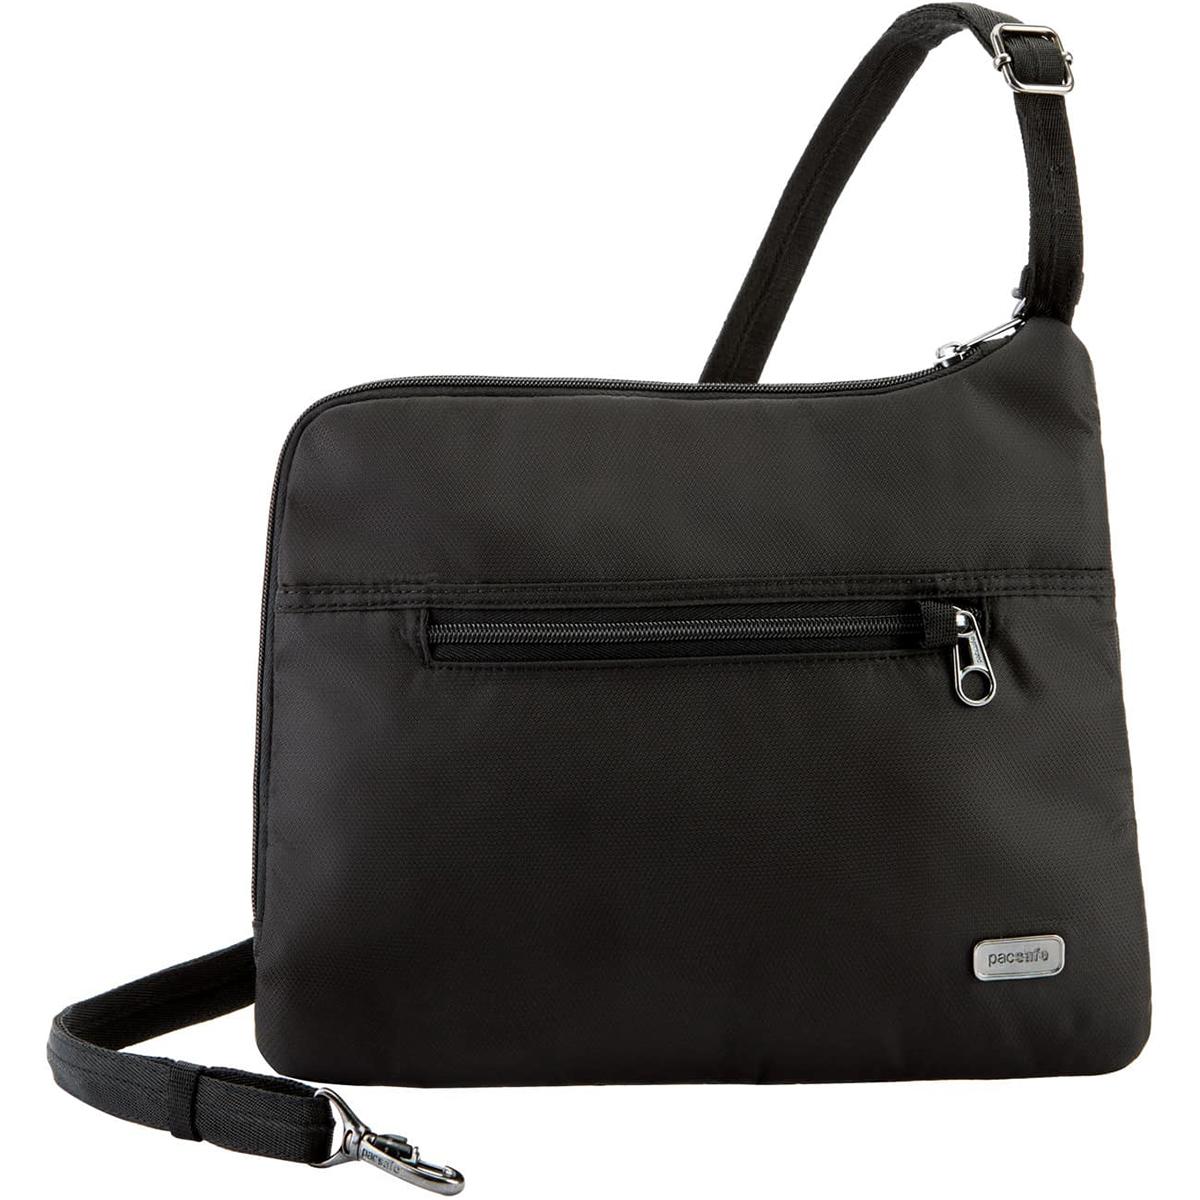 PacSafe-DaySafe-Anti-Theft-Slim-Crossbody-Bag thumbnail 3